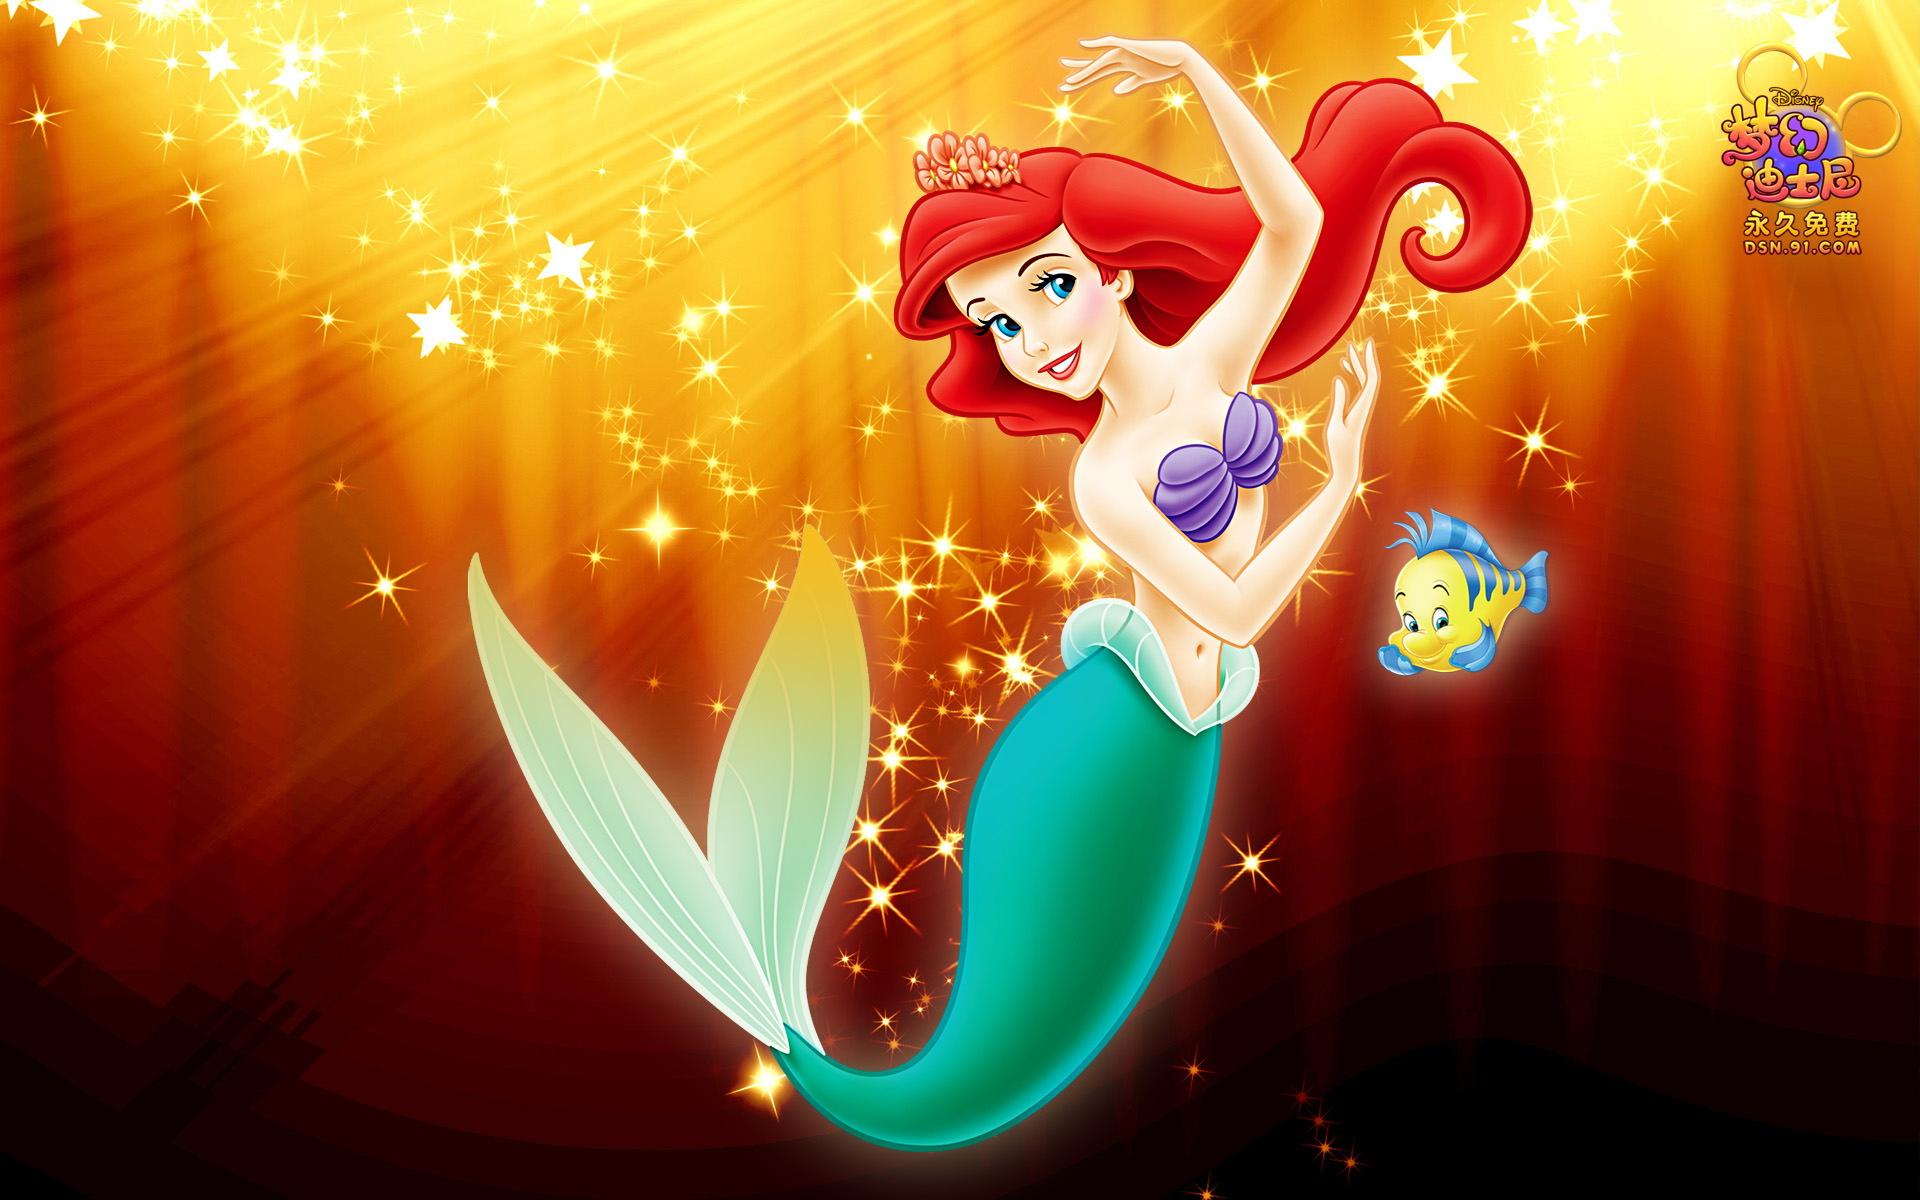 40 Cute Little Mermaid Wallpaper for Desktop